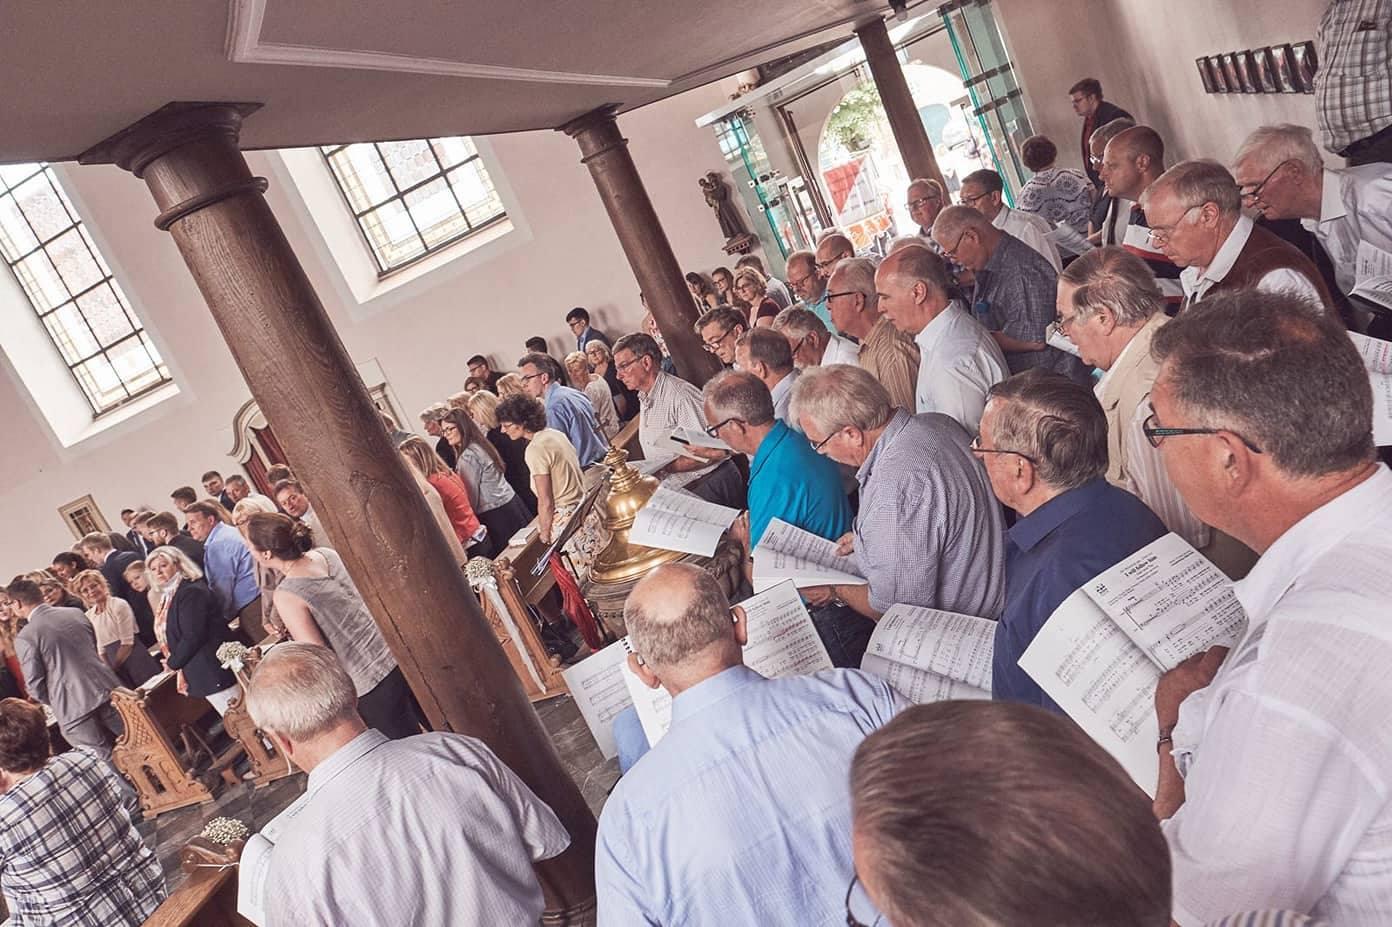 In der voll besetzten St. Georg Kirche zu Alt-Kaster sorgte der Königshovener Quartettverein gemeinsam mit Chorleiterin und Solistin Daniela Bosenius mit den musikalischen Beiträgen für einen besonders festlichen Rahmen. (Fotos: privat)